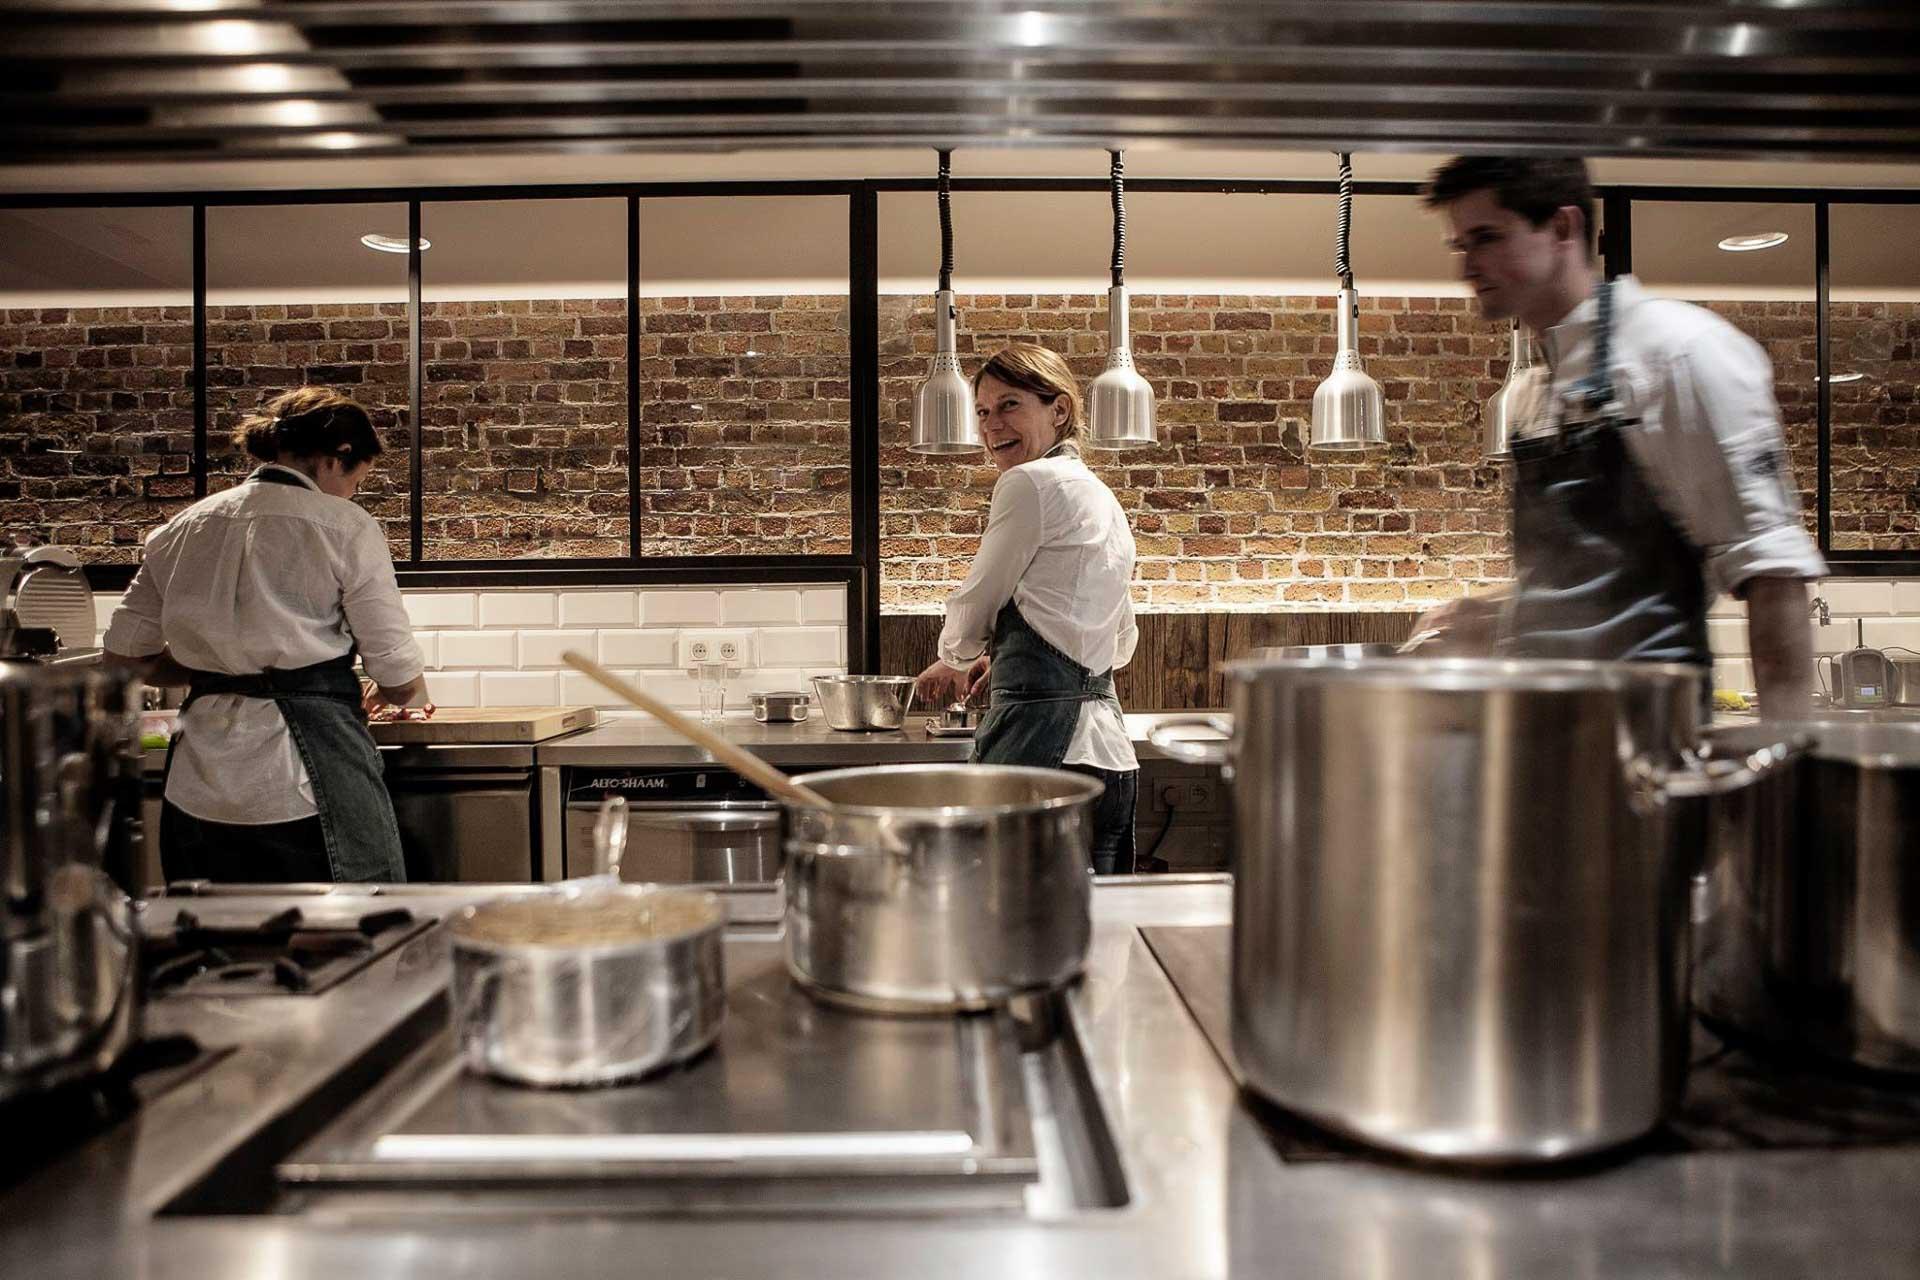 Cité gastronomique dont la réputation n'est plus à faire, Bruges enchantera les gourmets et les épicuriens. Nous avons sélectionné dix des meilleurs restaurants de la ville, de la table de classe mondiale au bistrot dans l'air du temps. Bon appétit !